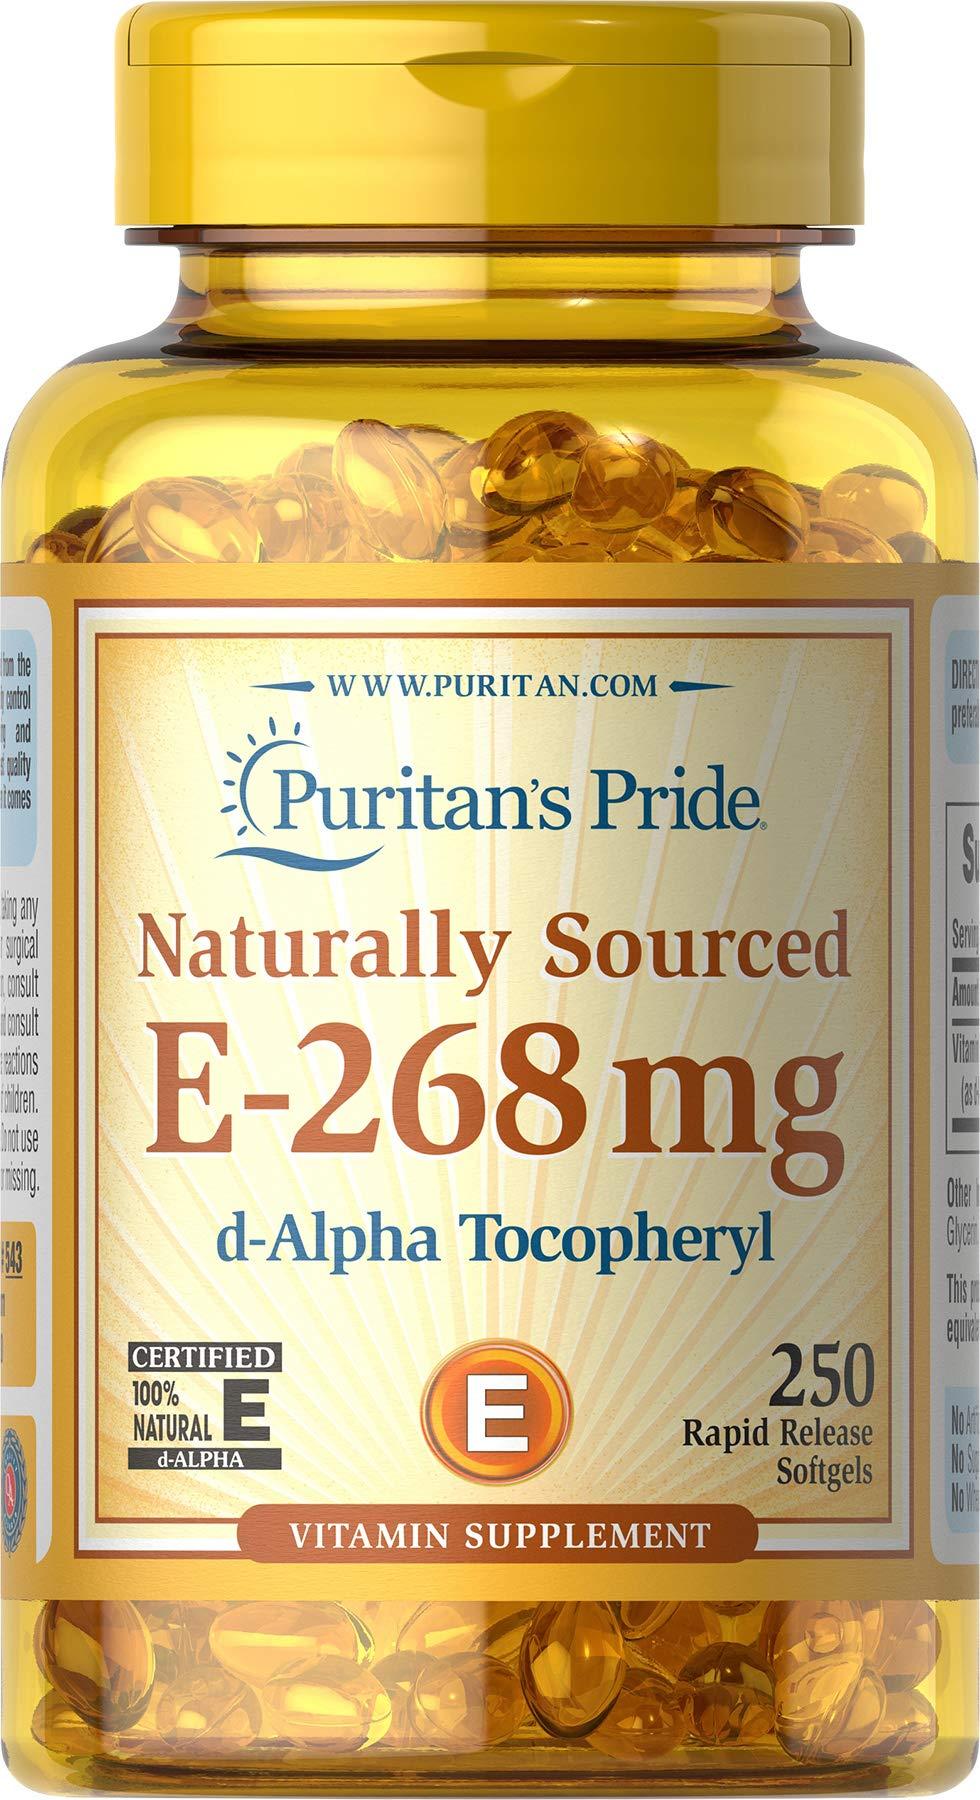 Puritans Pride Vitamin E-400 Iu (268mg) 100% Natural, 250 Count